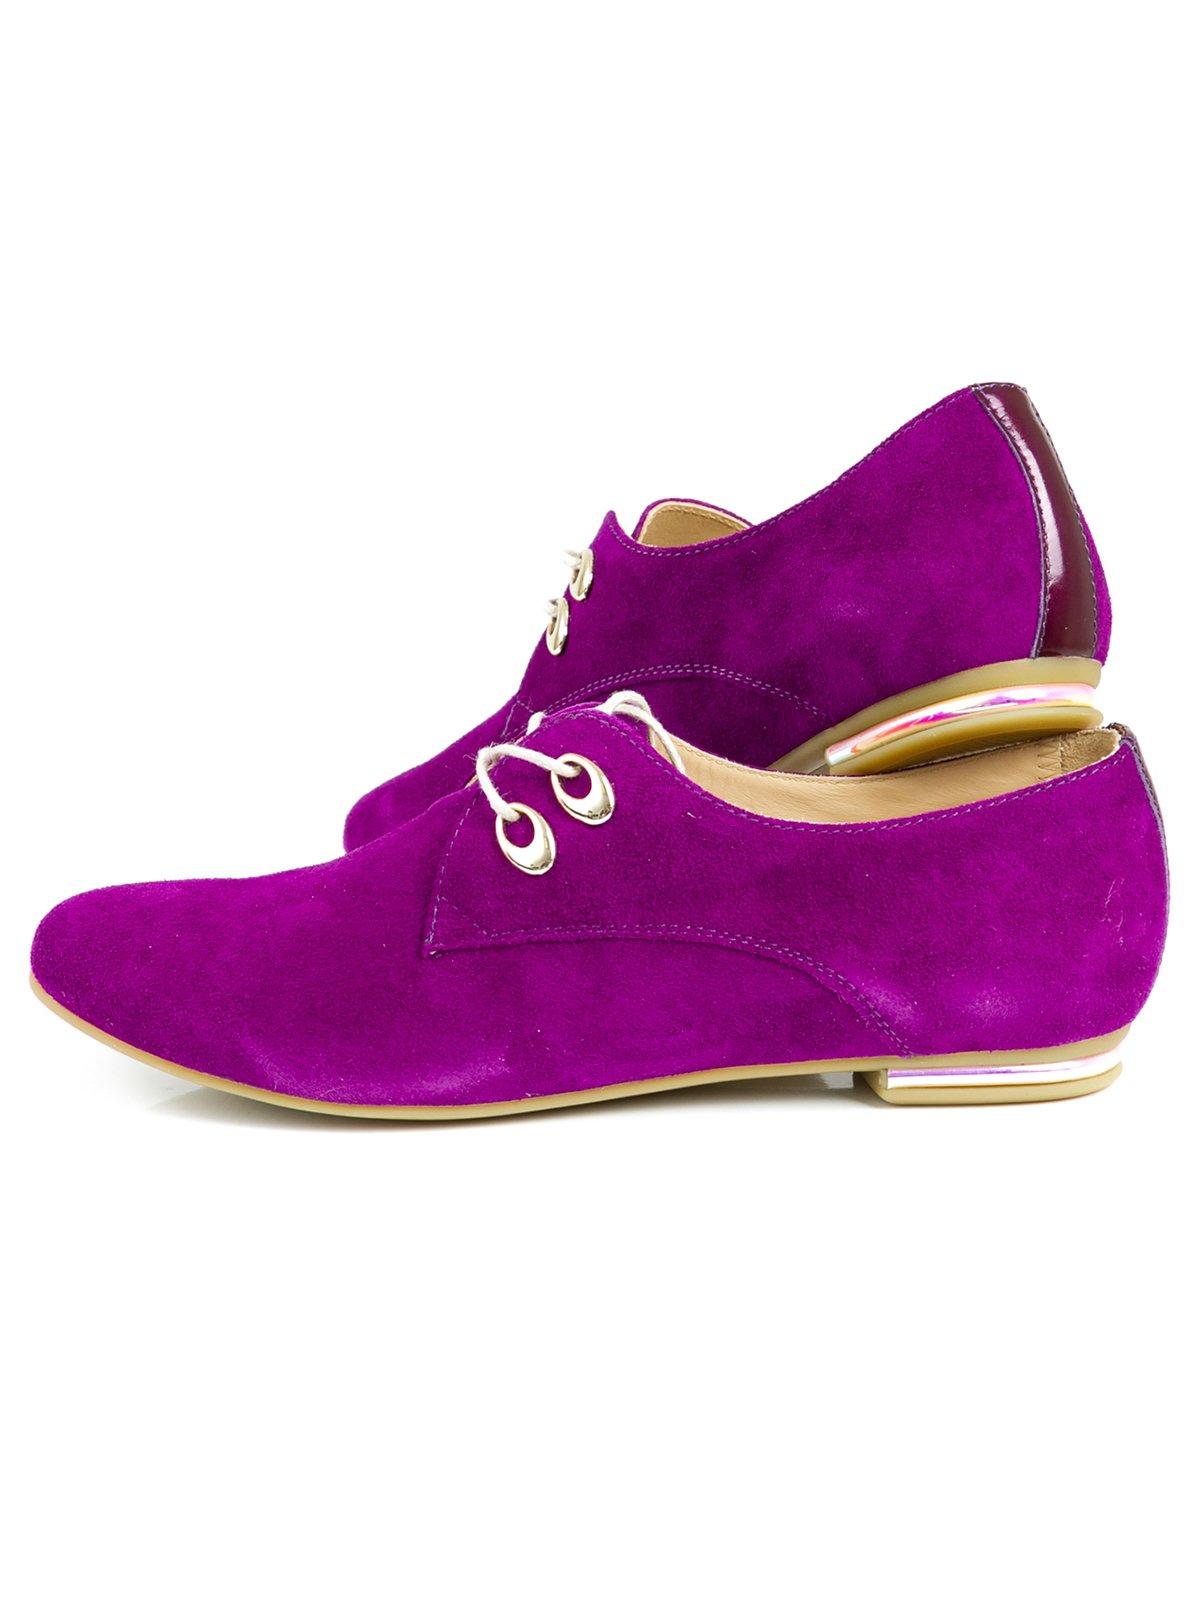 Туфли фиолетовые | 2407836 | фото 4